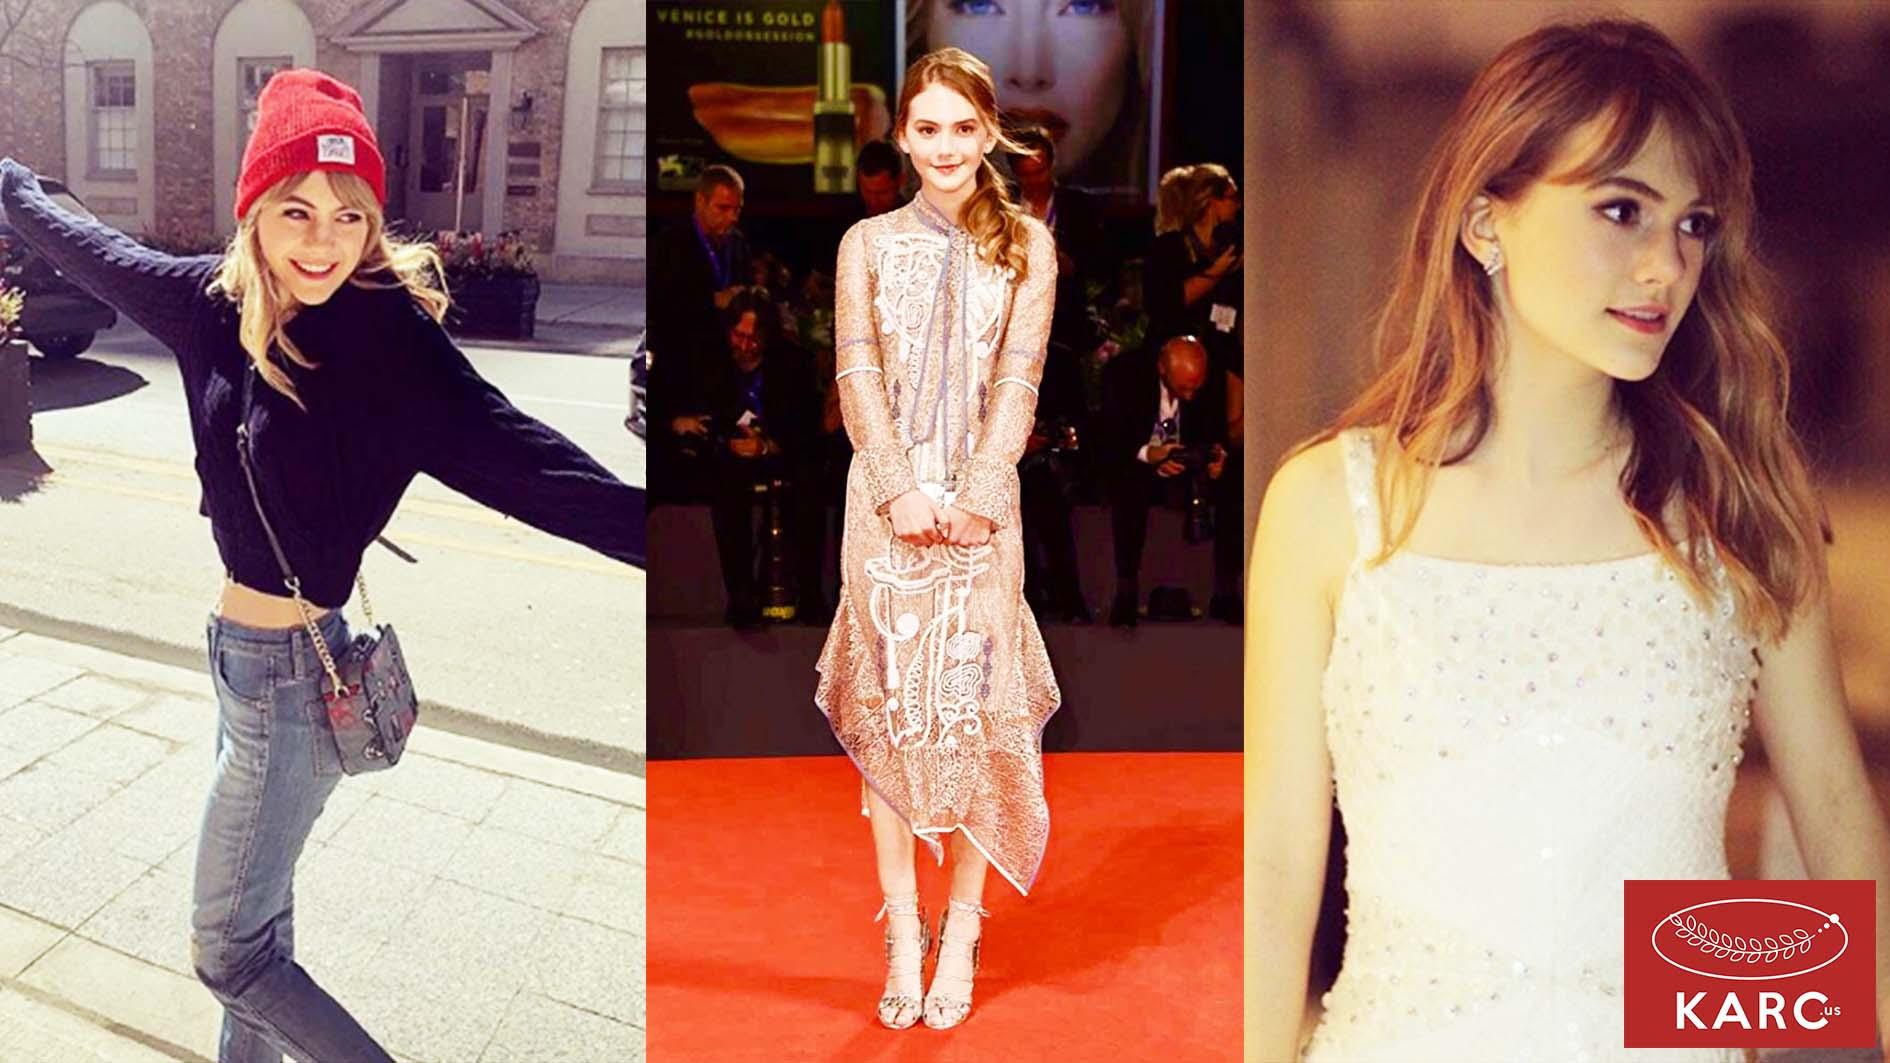 Emilia  Jones  จะต้องเติบโตเป็นนักแสดงสาวที่มีเสน่ห์คนหนึ่งของวงการภาพยนตร์ได้อย่างแน่นอน - Karc.us